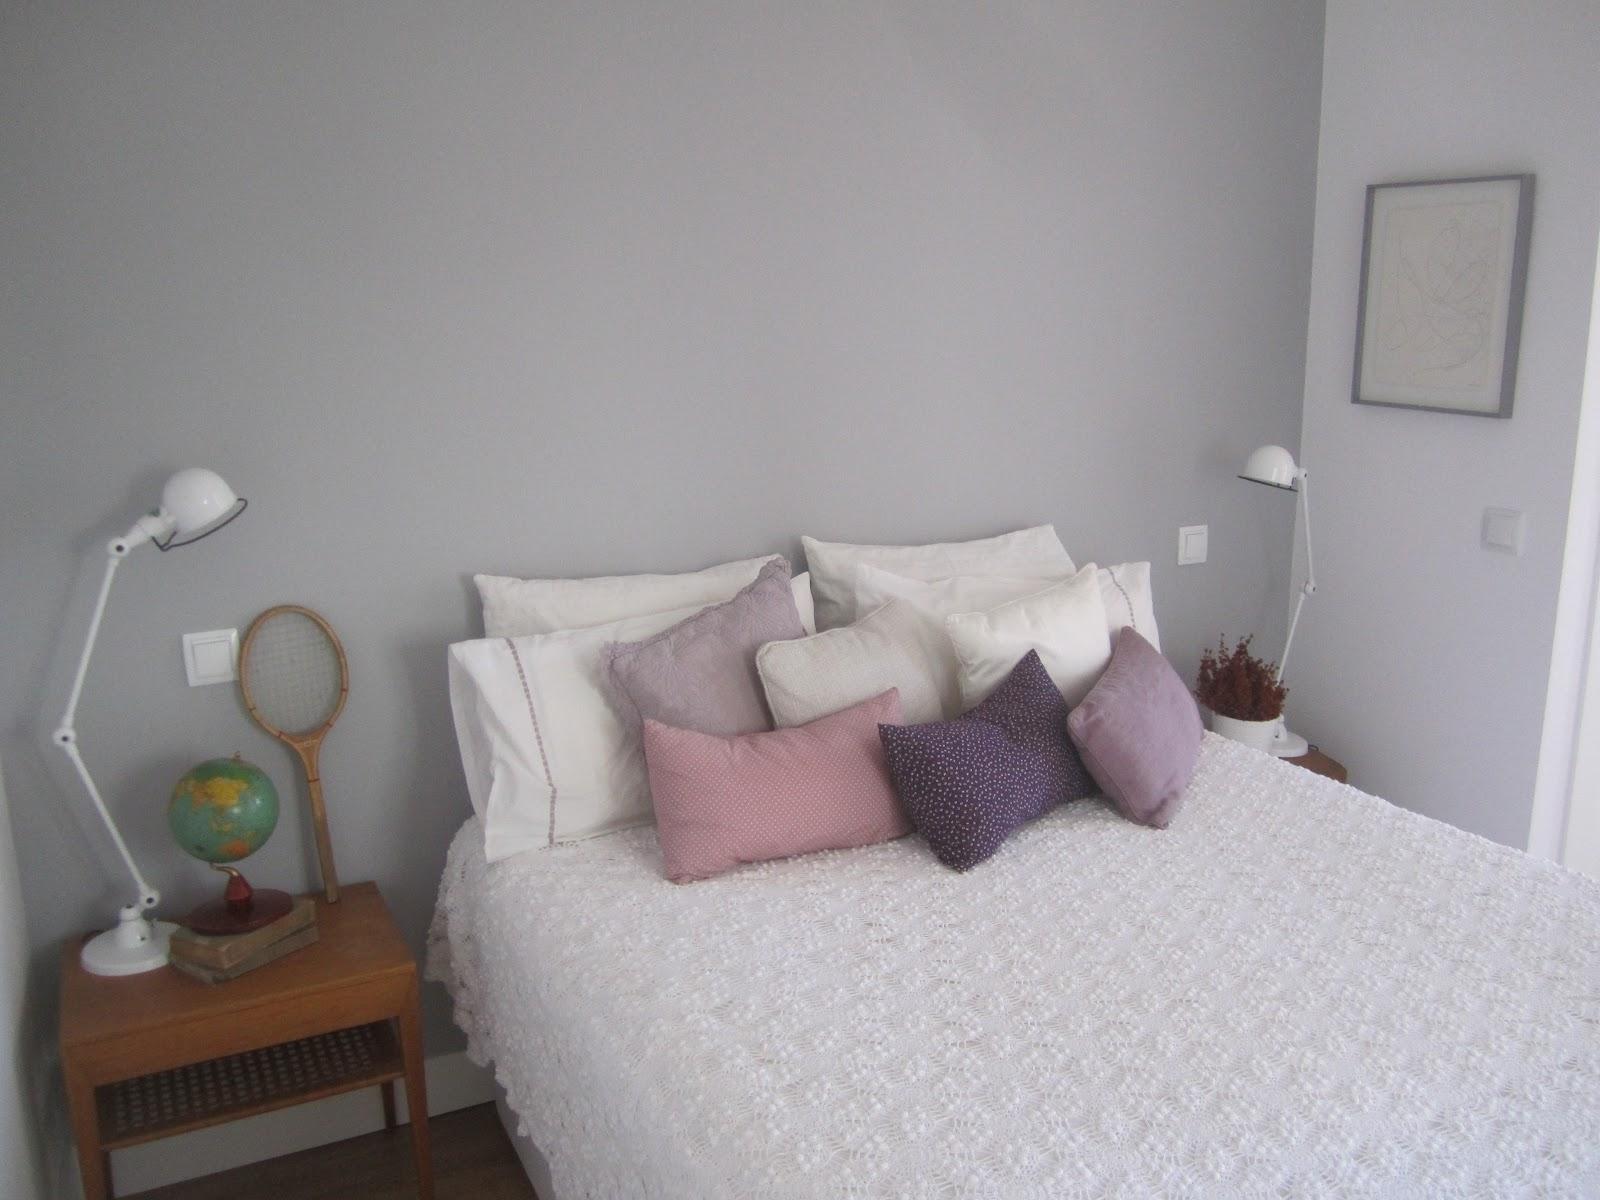 Una habitaci n c lida y moderna con muebles a os 50 deco - Cojines cama zara home ...